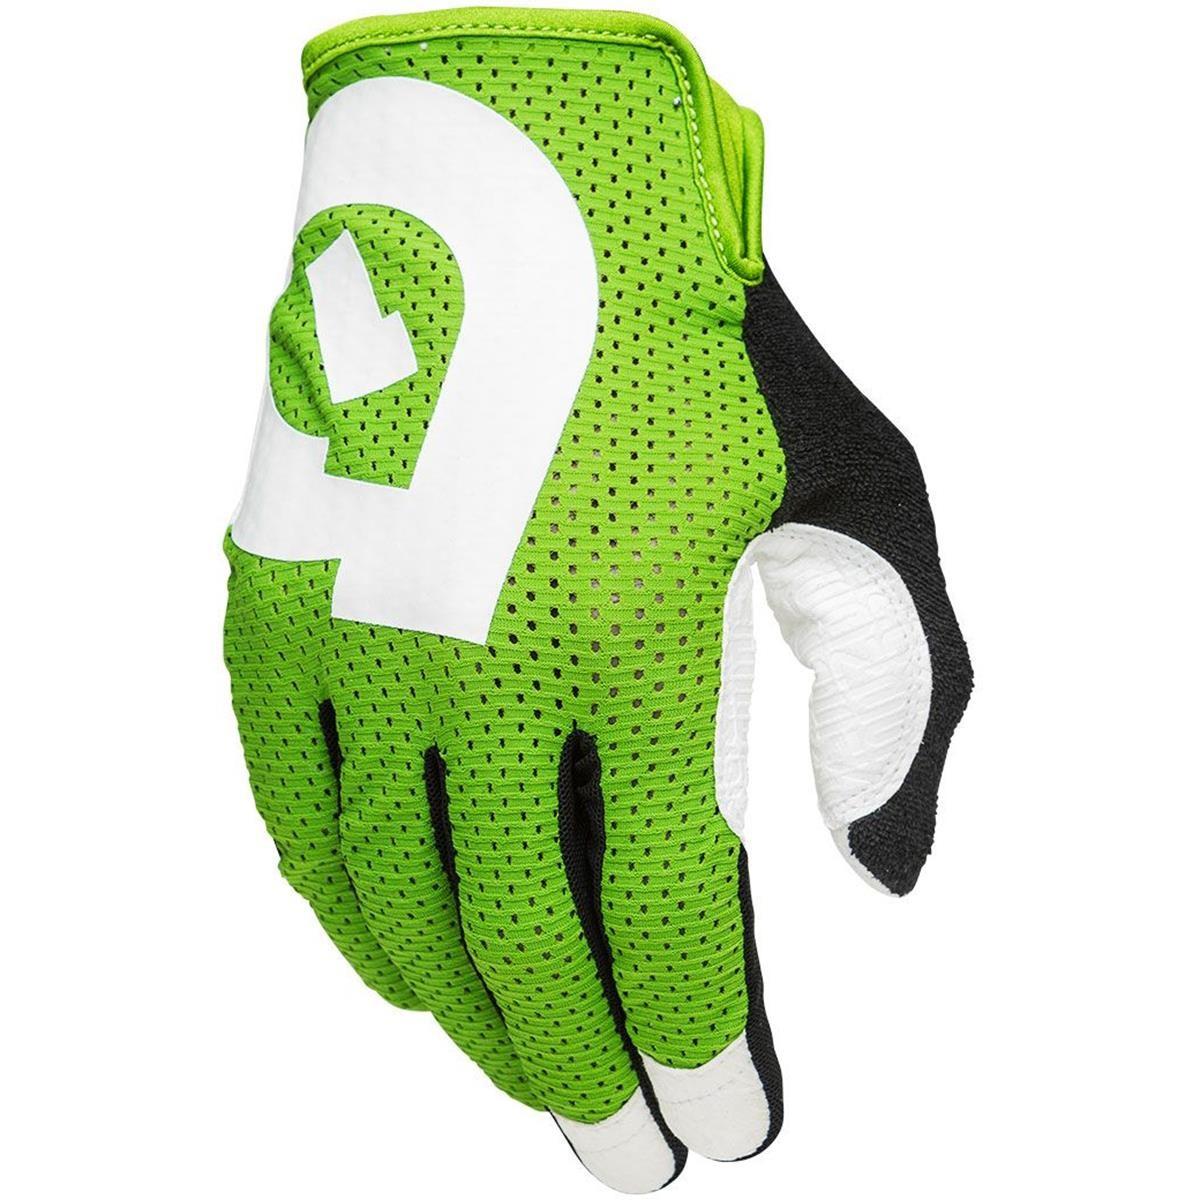 SixSixOne Handschuhe 661 Raji, XS, Grün